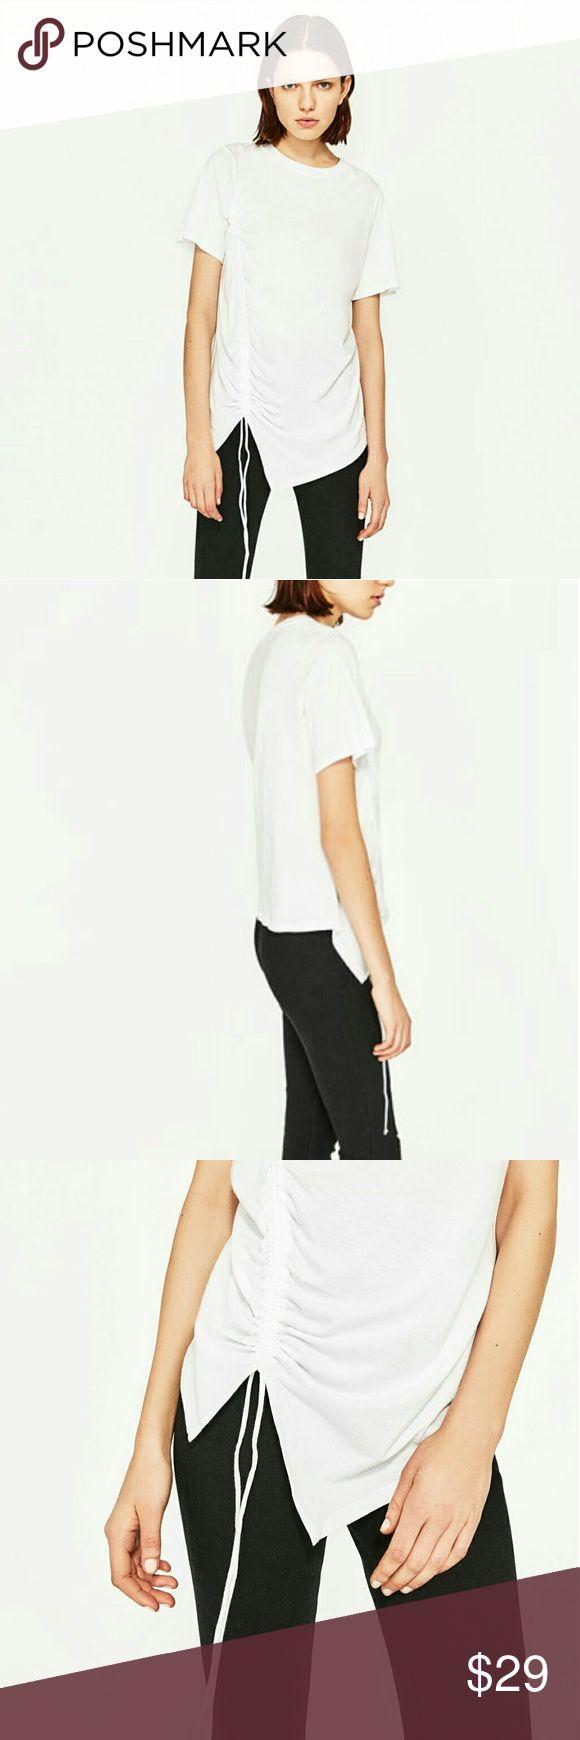 Zara top Brand new Zara Tops